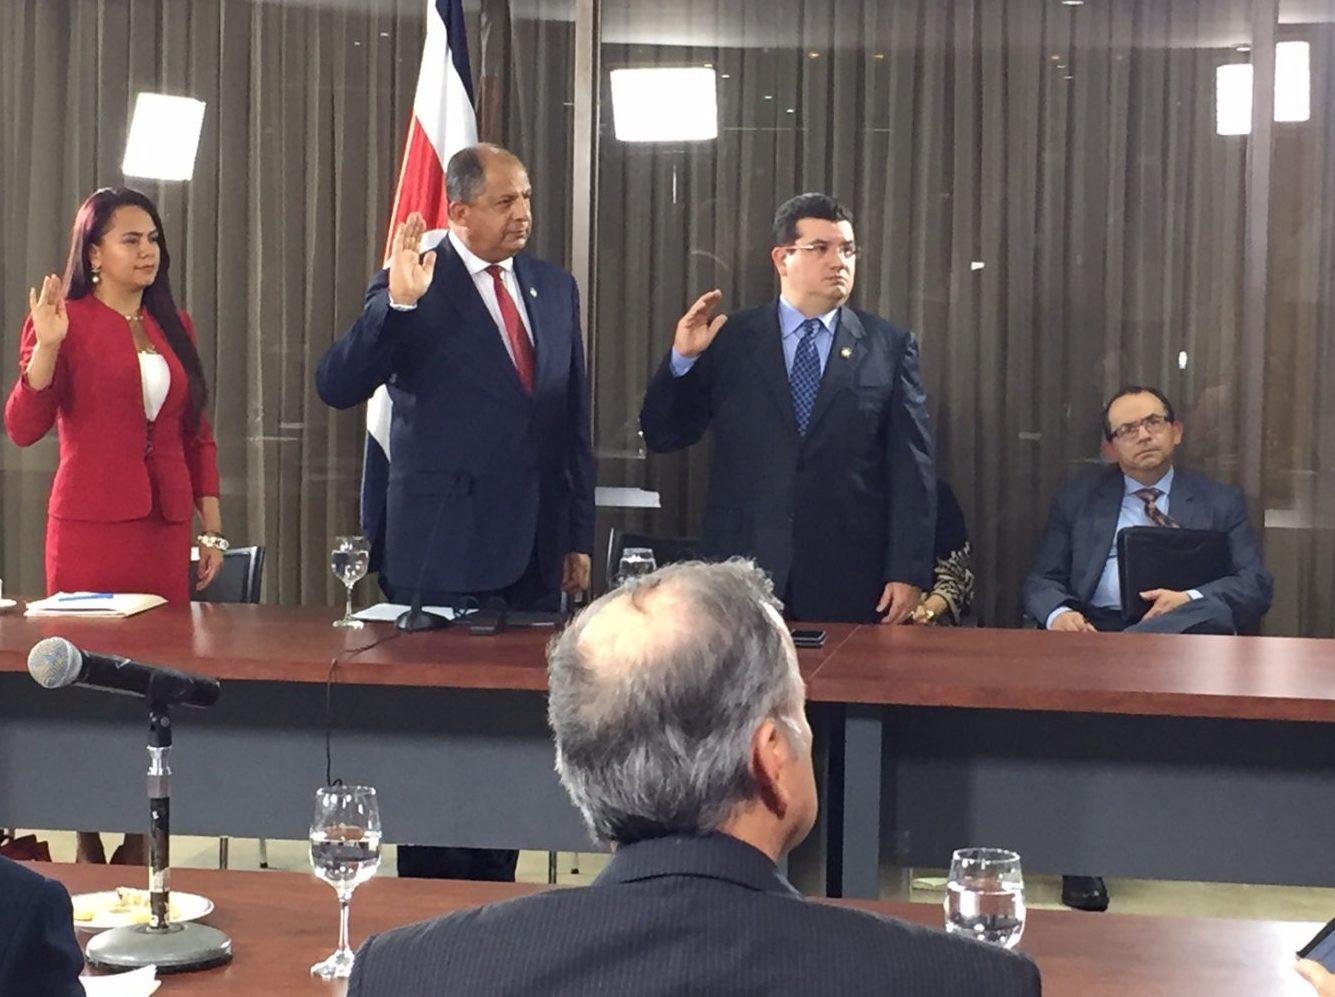 El presidente Solís y sus ministros ante la comisión de diputados que investiga los créditos públicos al cemento chino